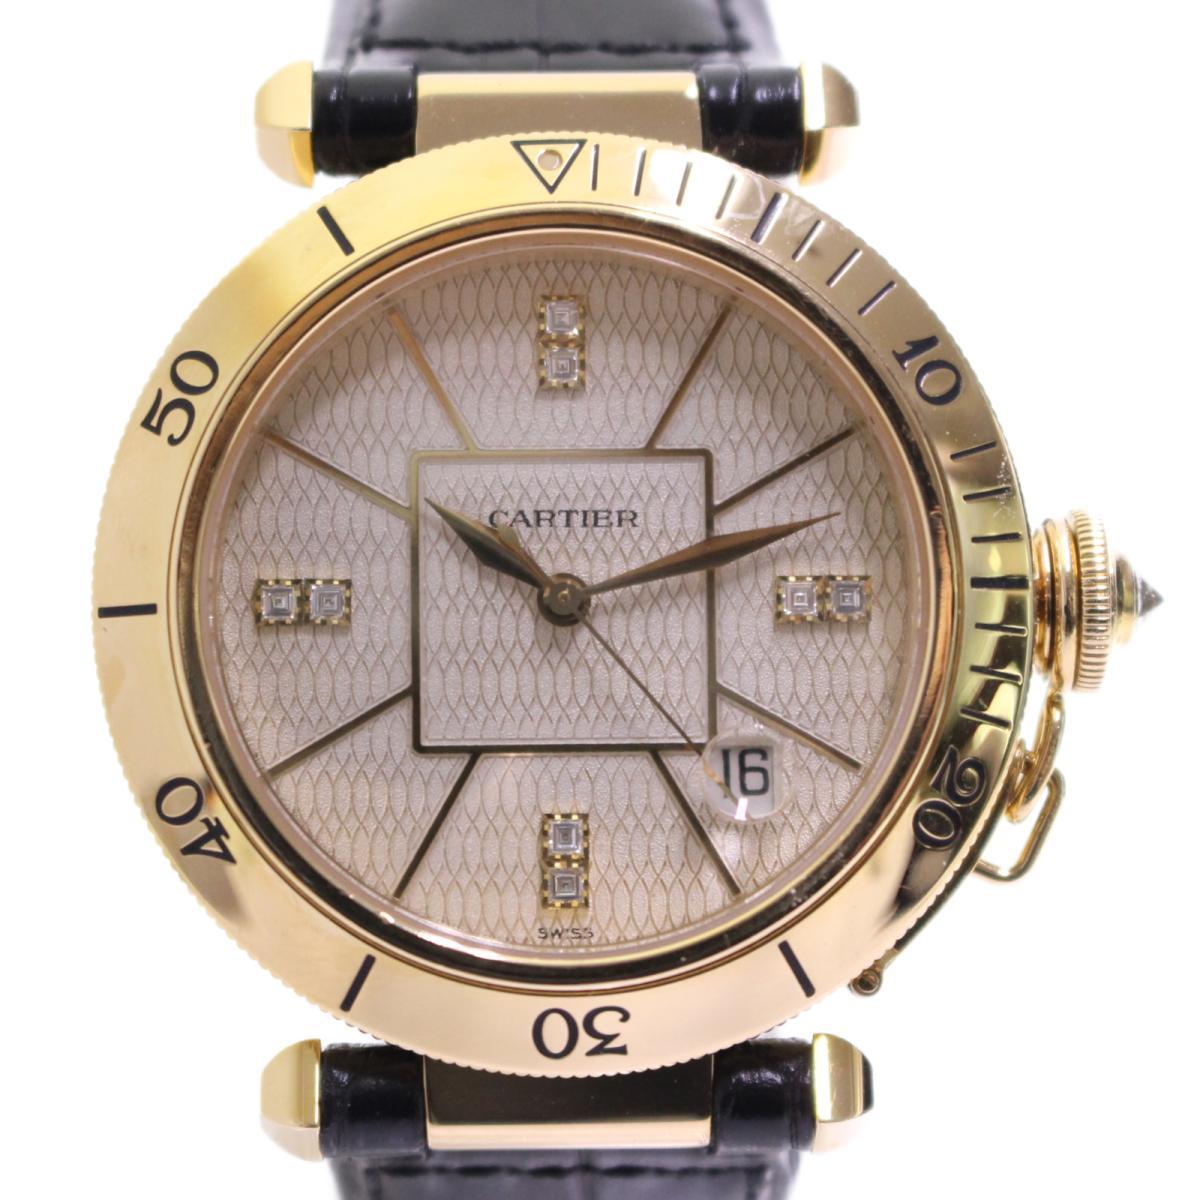 【中古】 カルティエ パシャ 腕時計 ウォッチ レディース K18YG (750)イエローゴールド ダイヤモンド レザーベルト (MG244725) | Cartier BRANDOFF ブランドオフ ブランド ブランド時計 ブランド腕時計 時計